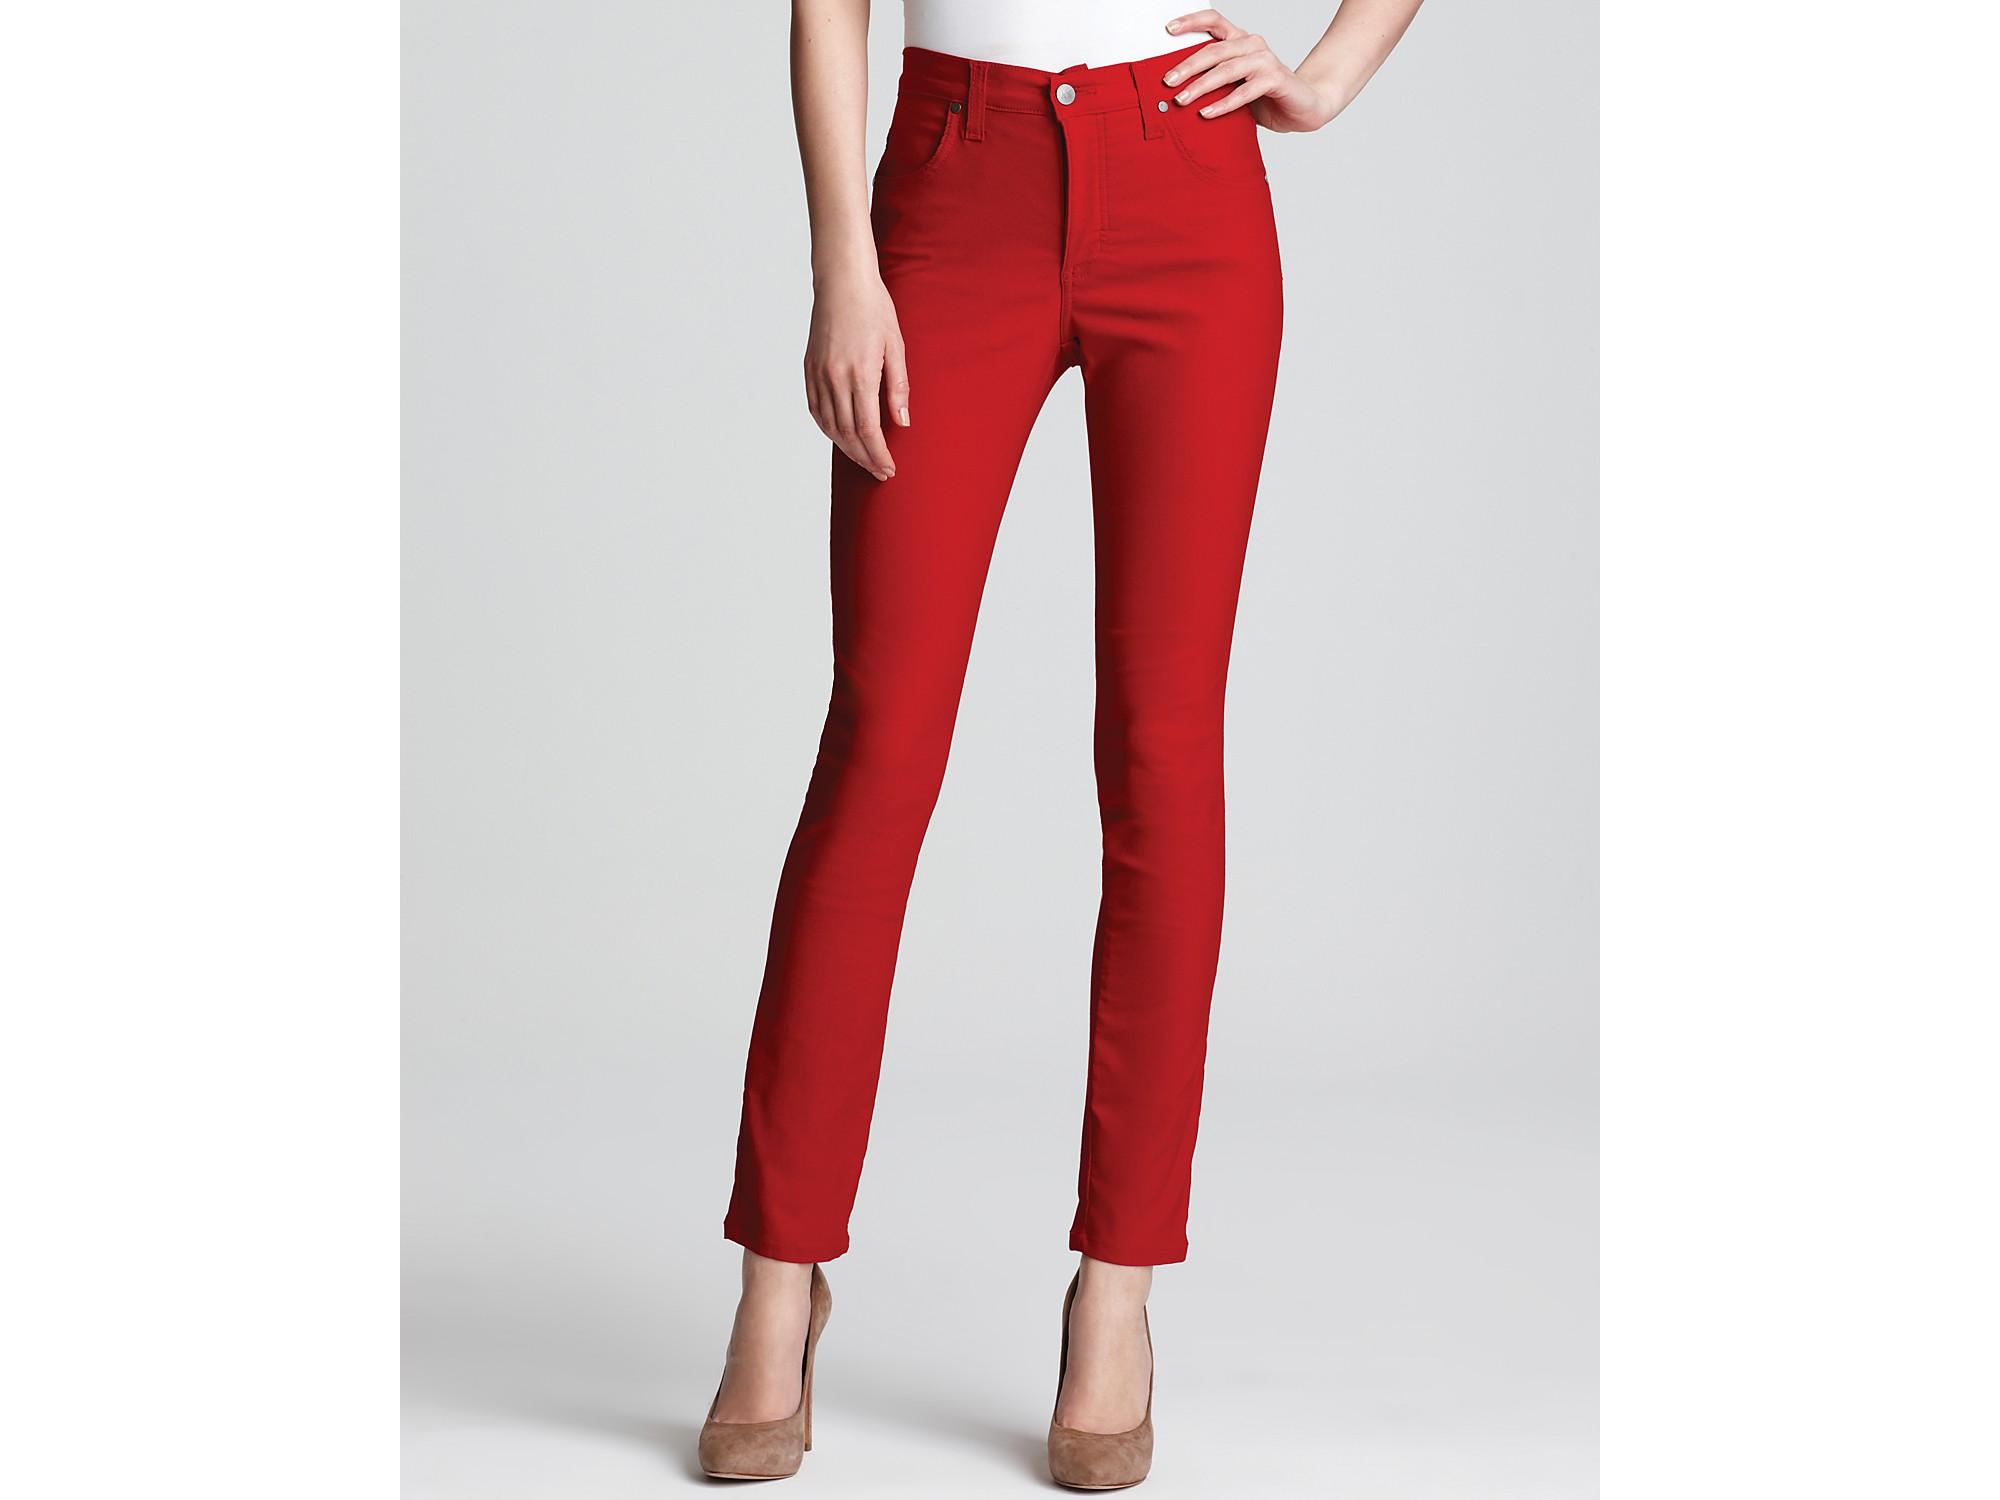 Karen kane Denim Leggings in Red   Lyst